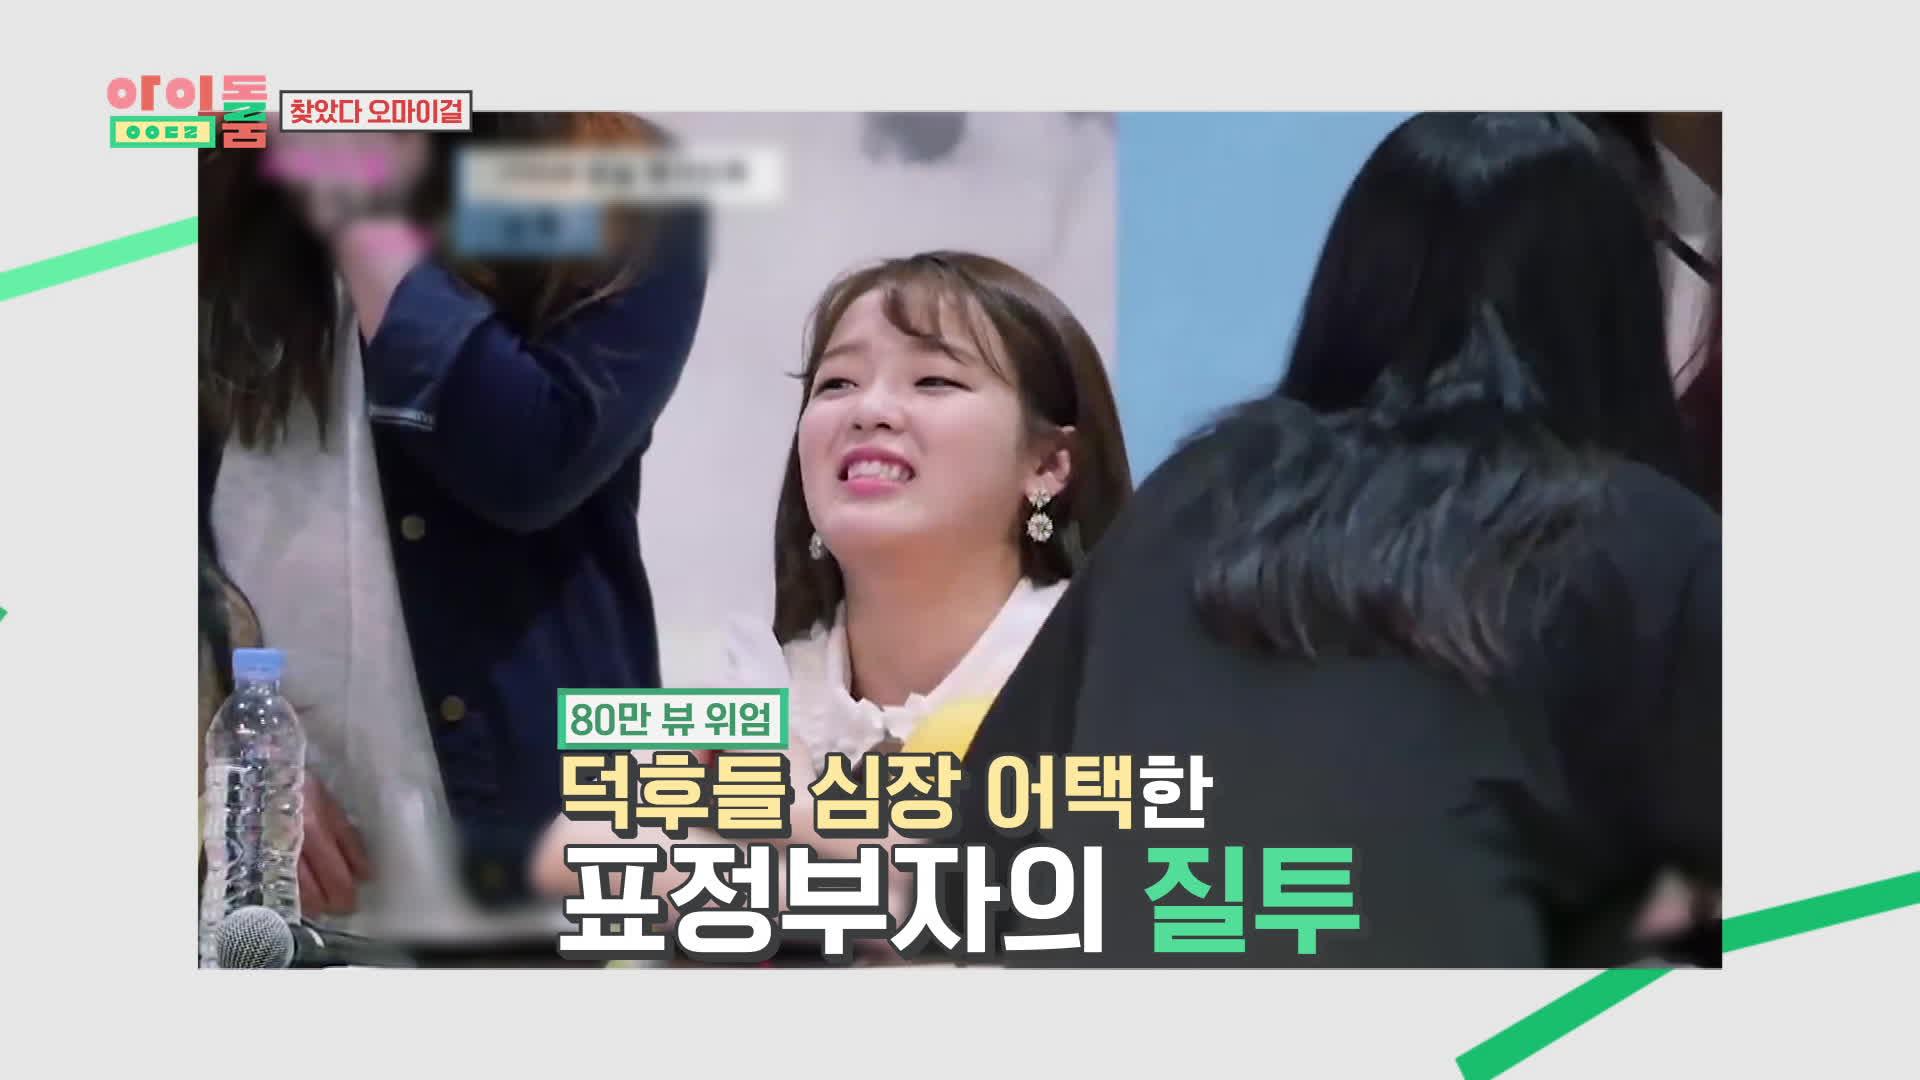 아이돌룸(IDOL ROOM) 19회 - 오마이걸 승희, 직캠 요정 등극 (승희 얼굴이 맛집☆)